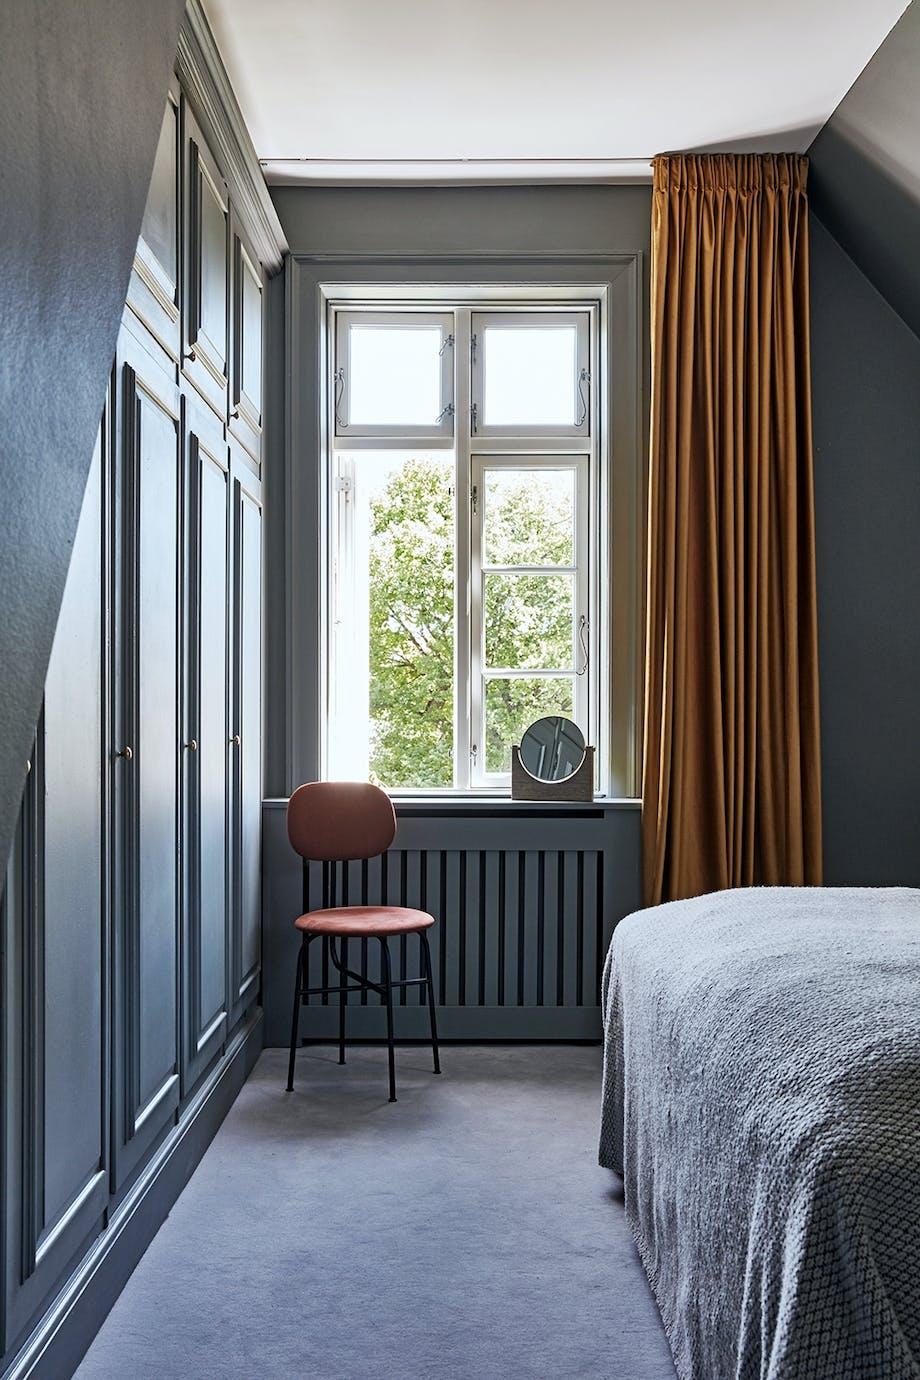 Soveværelse enkelt velour stol sengetæppe gardiner